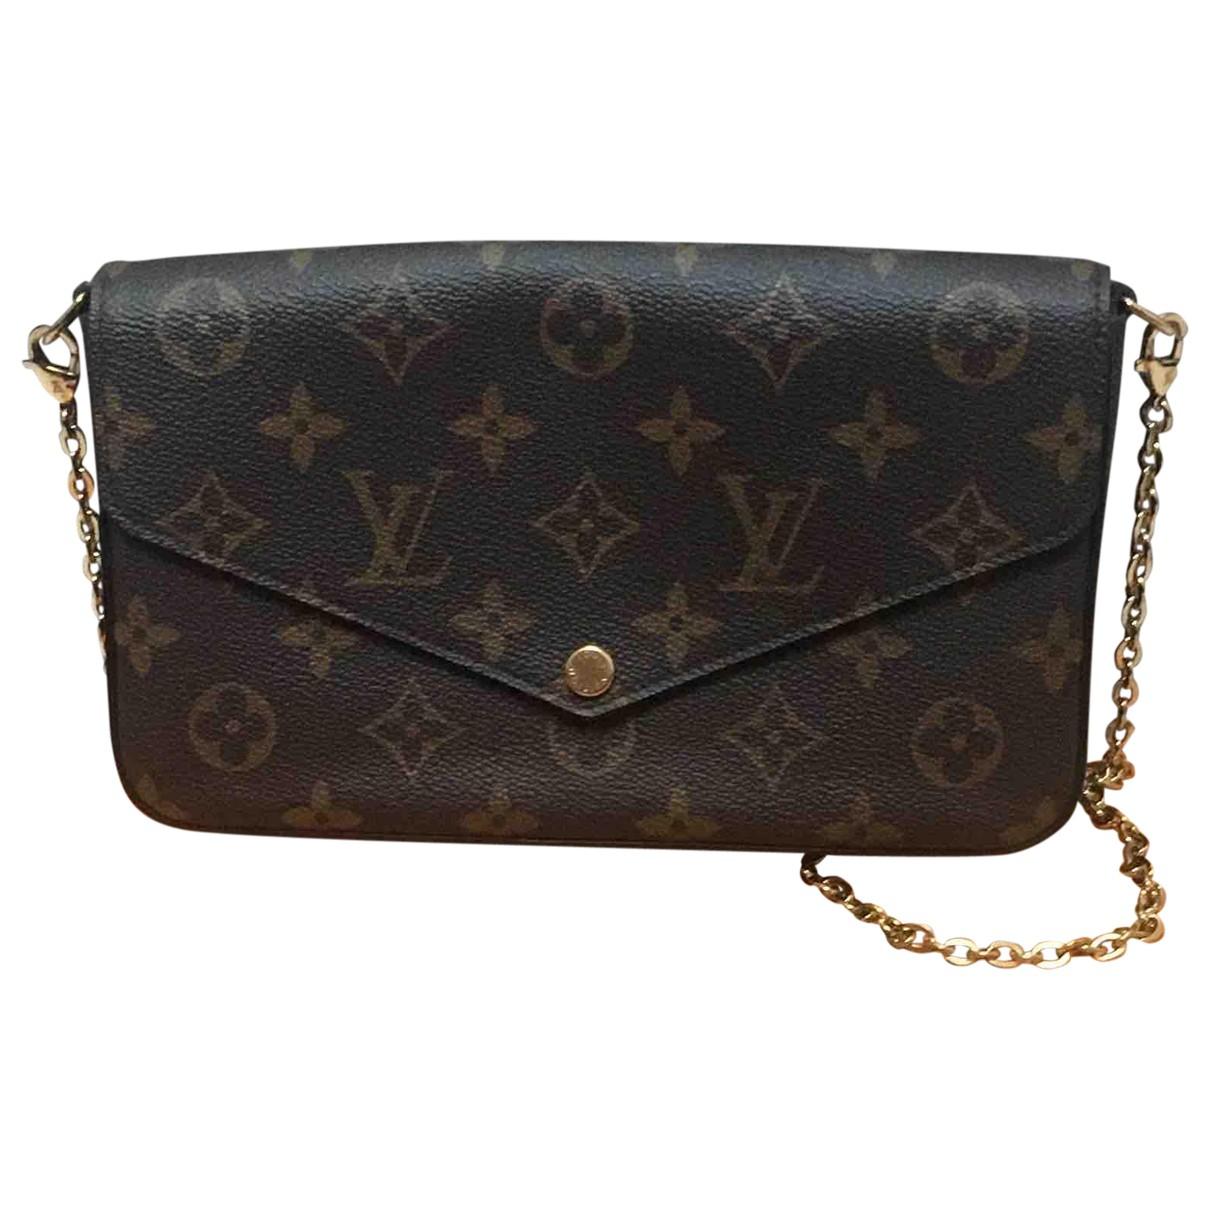 Pochette Felicie de Lona Louis Vuitton